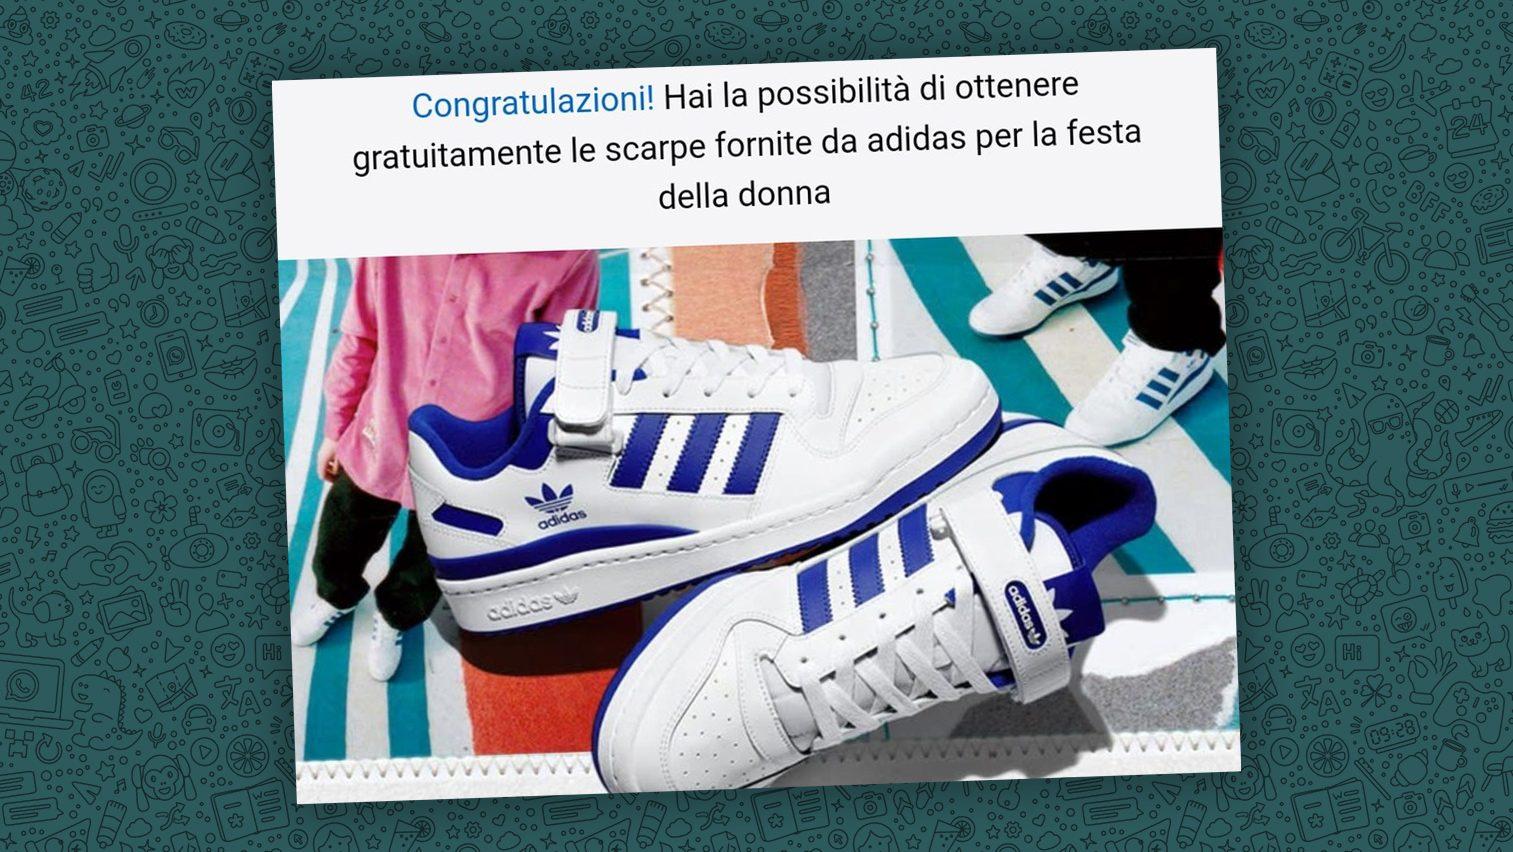 Hai ricevuto un messaggio su WhatsApp che ti regala Adidas per la ...